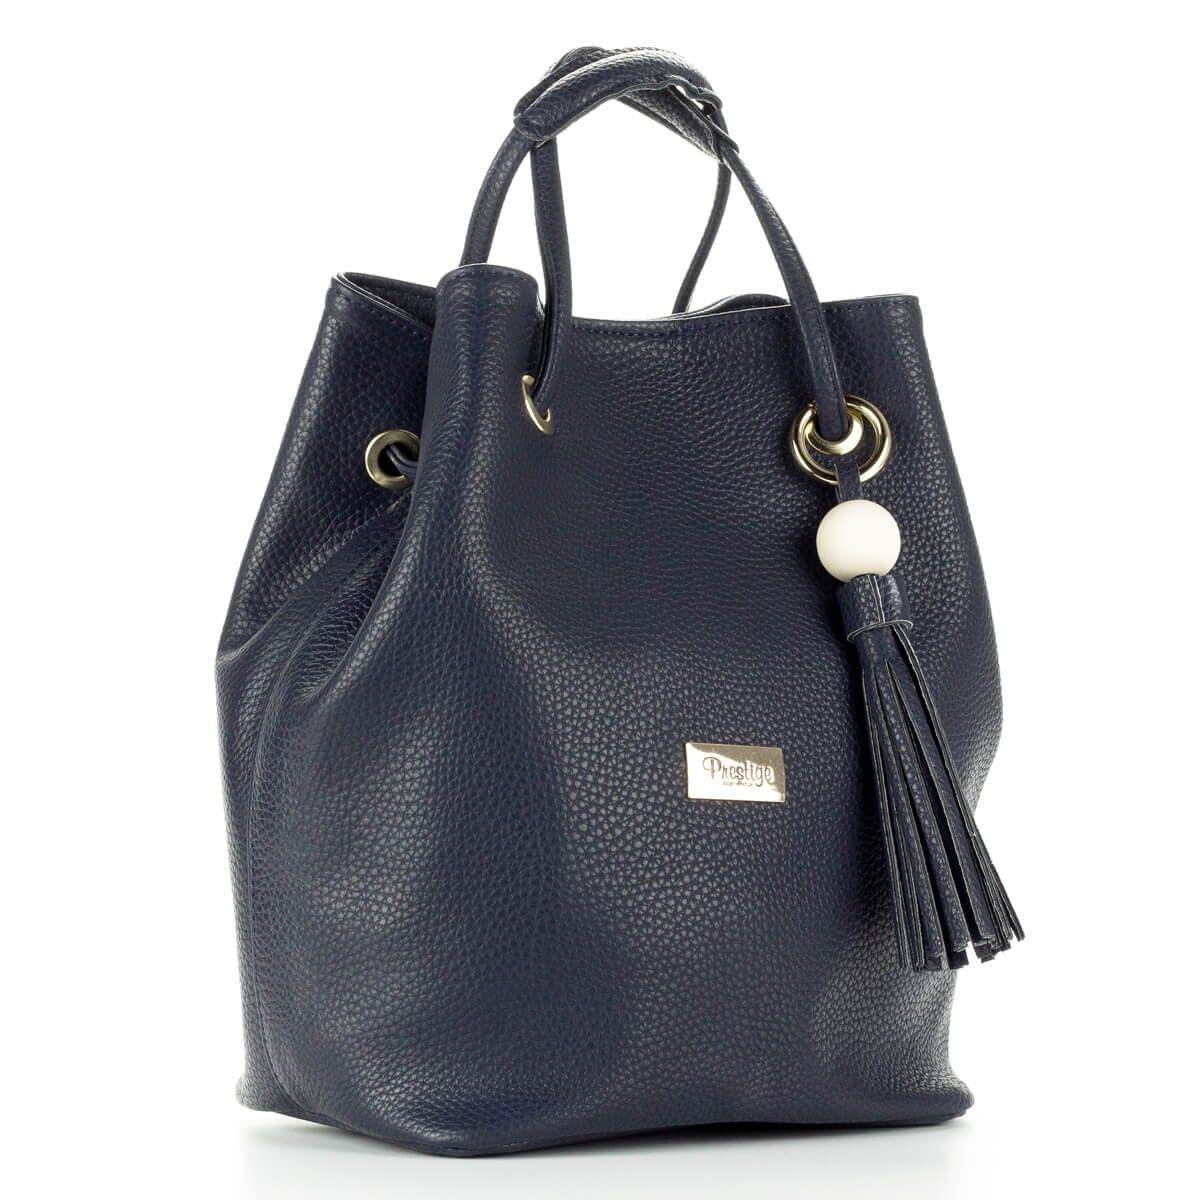 Prestige kék női táska osztatlan belső térrel e3f587ebdb